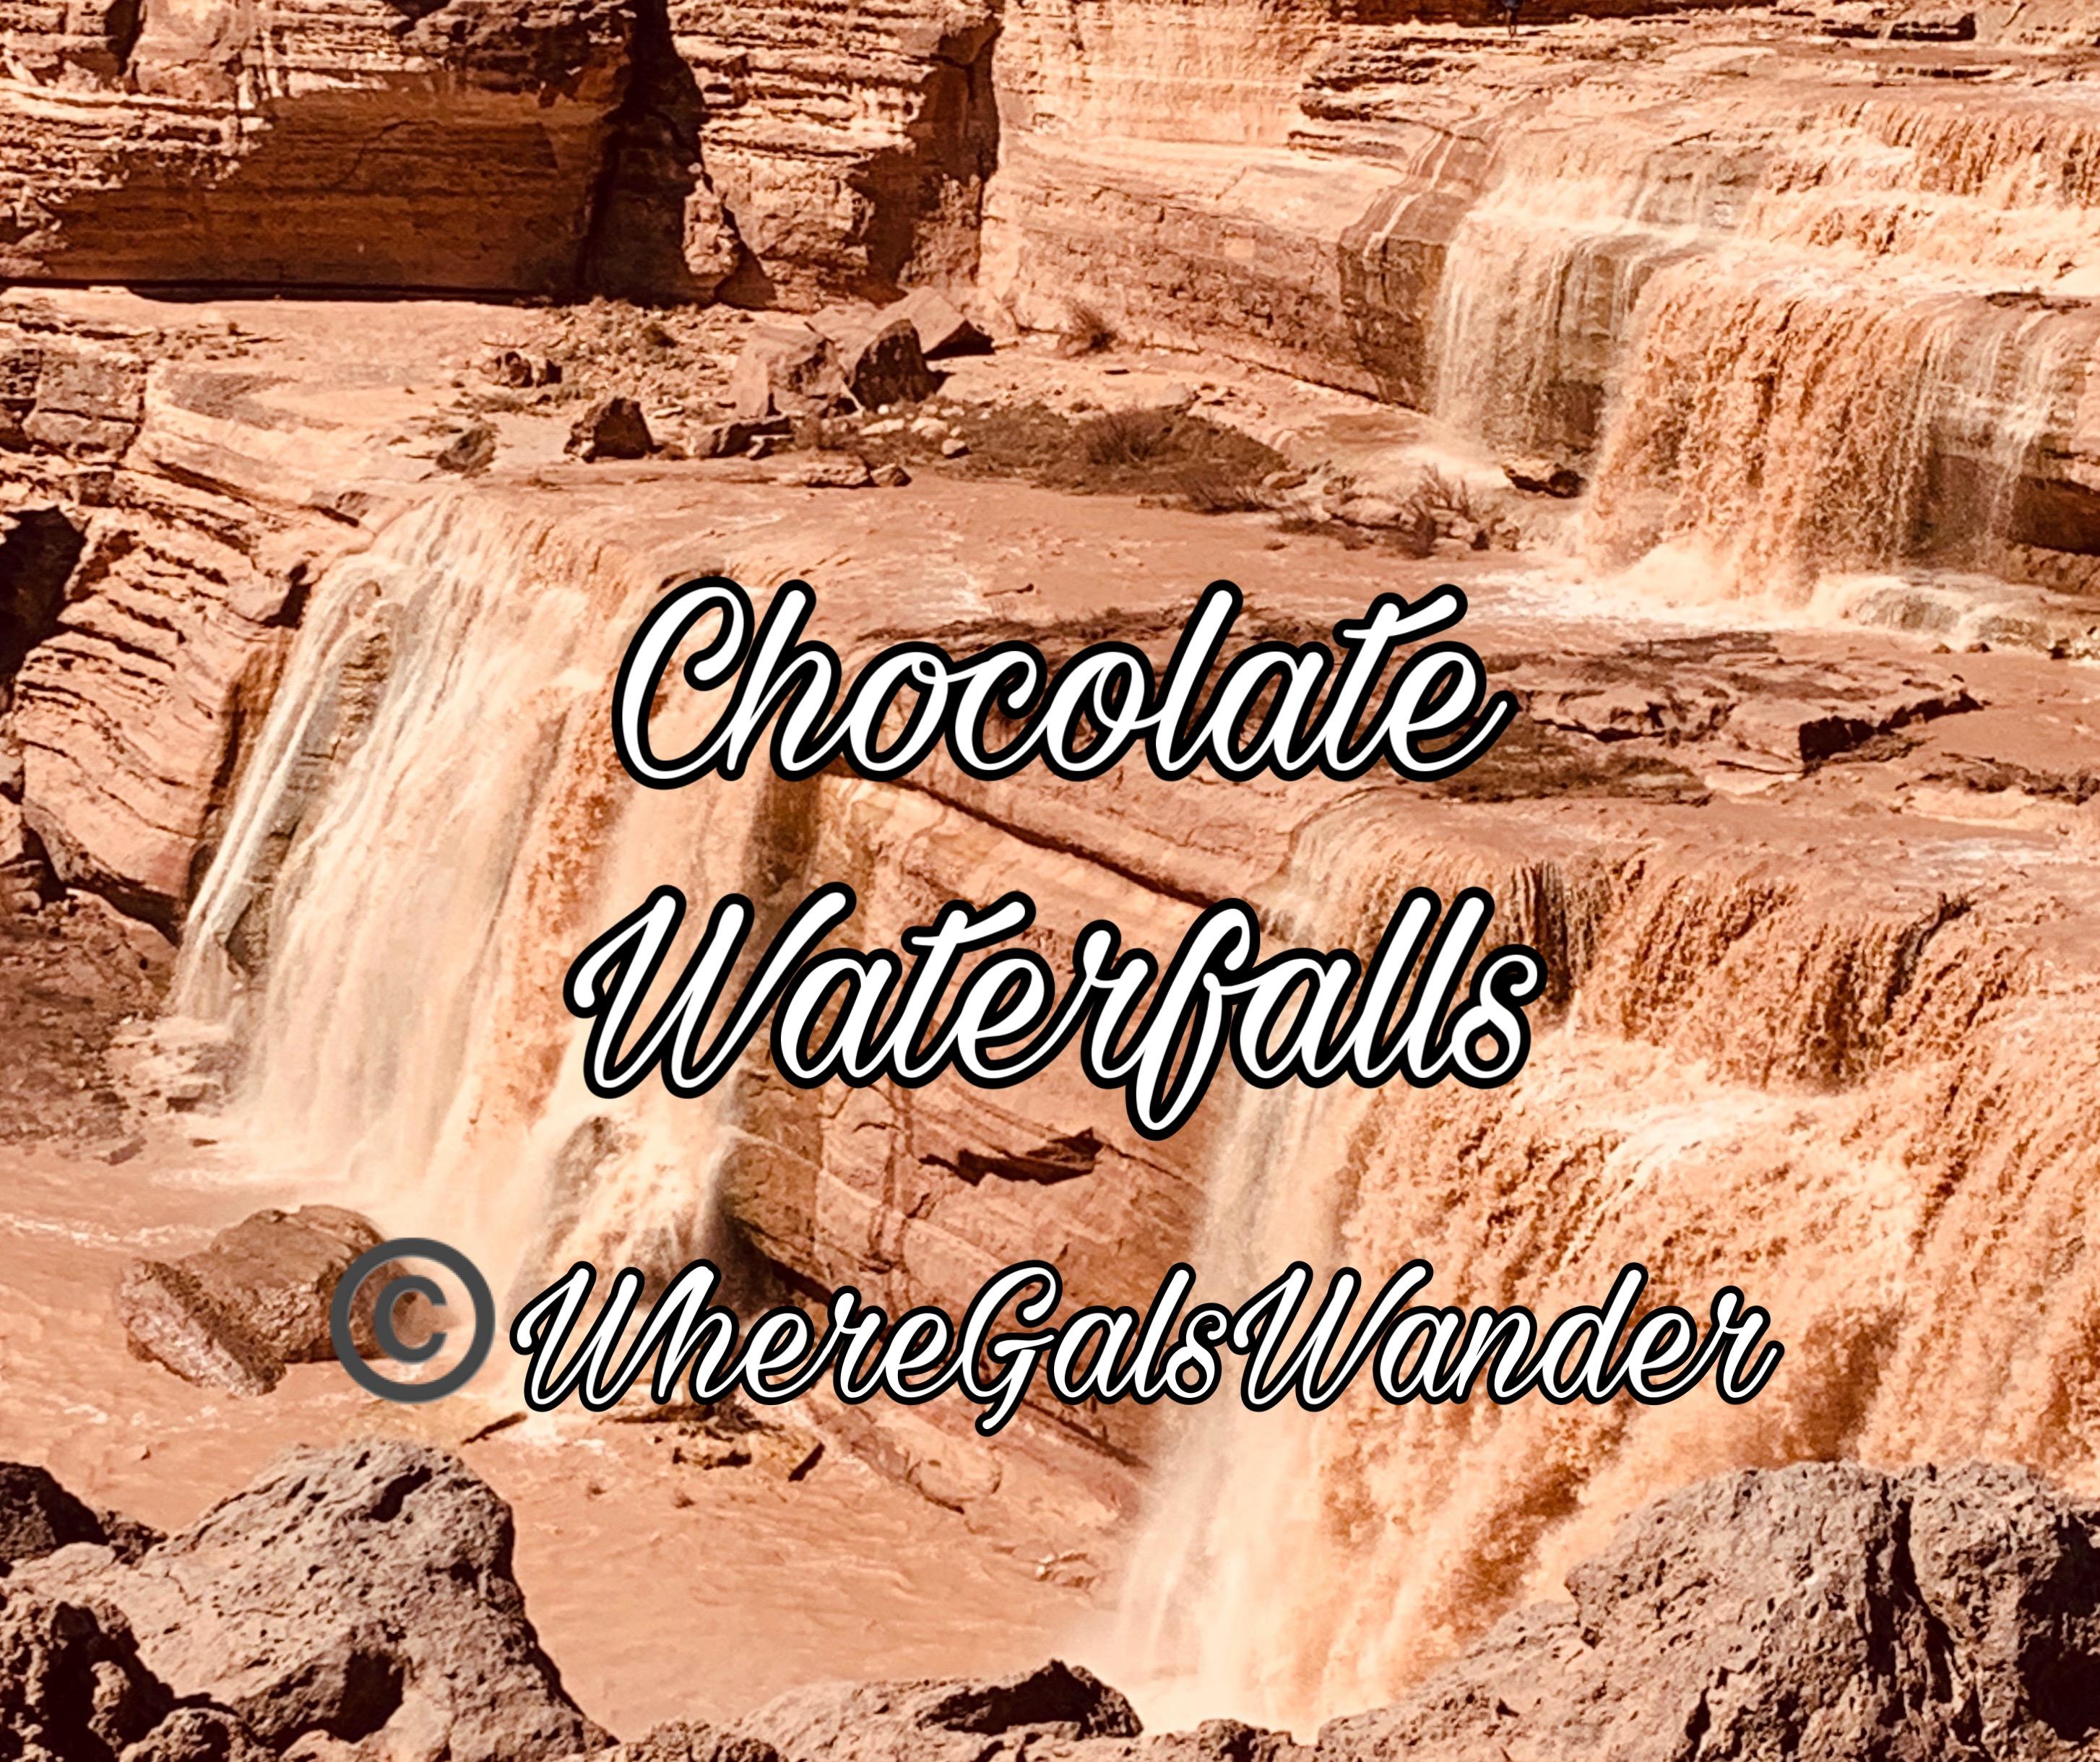 Chocolate Waterfalls, Arizona, WhereGalsWander.com